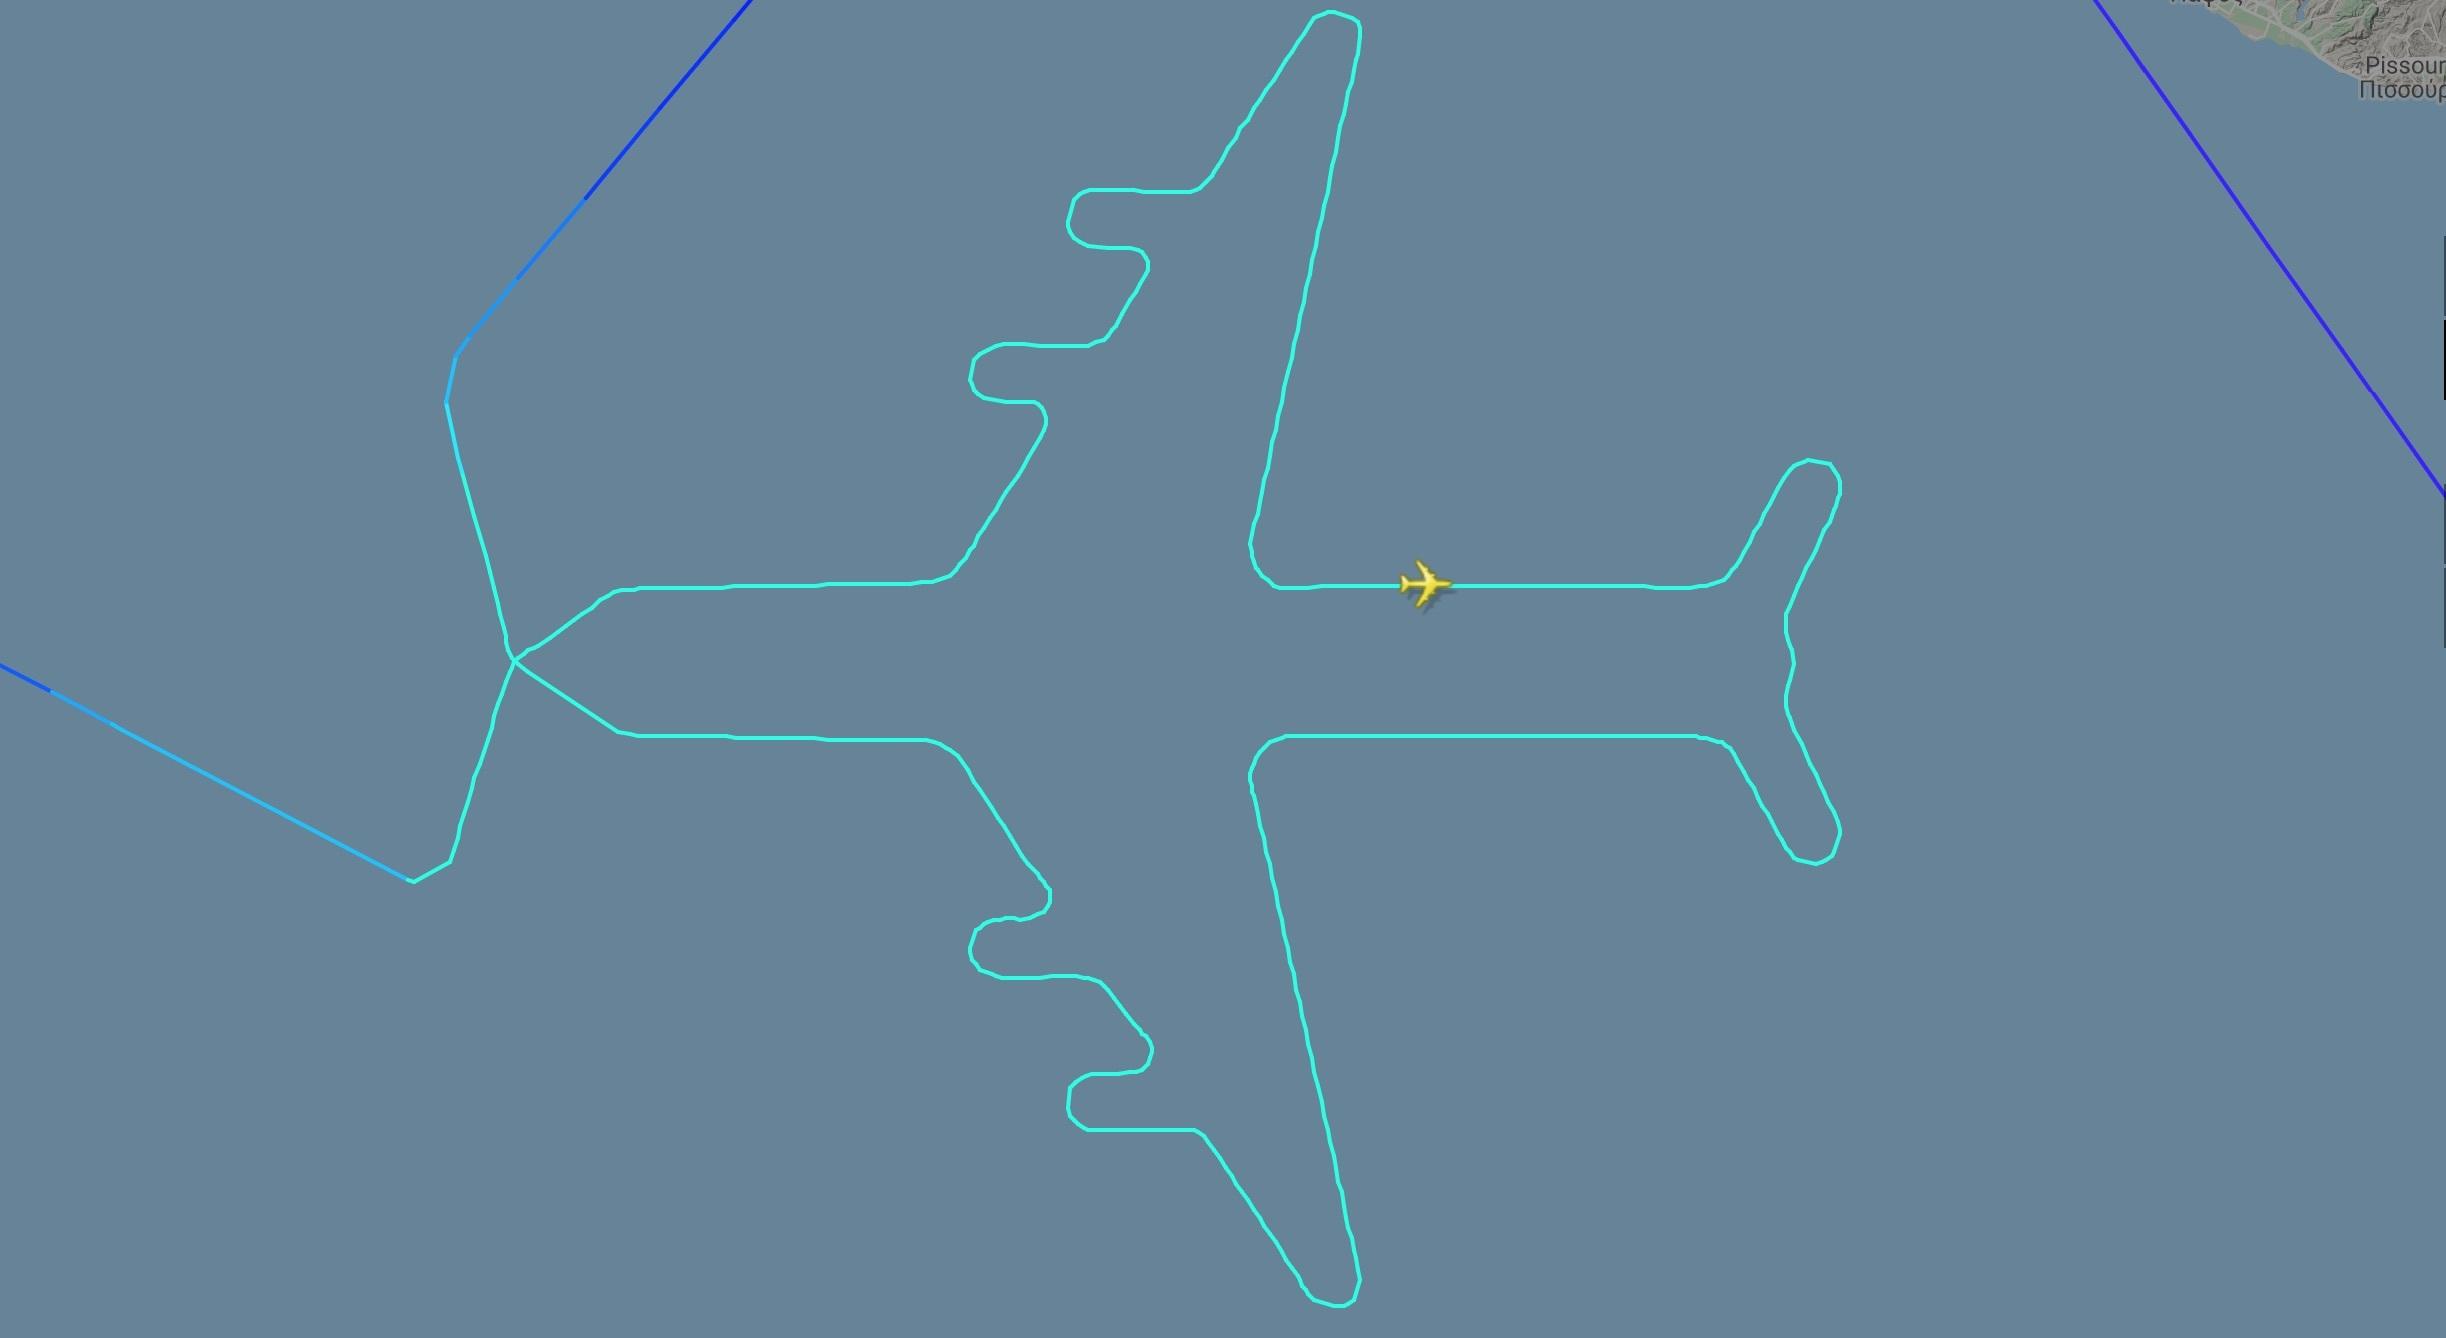 El Al's sky art 747